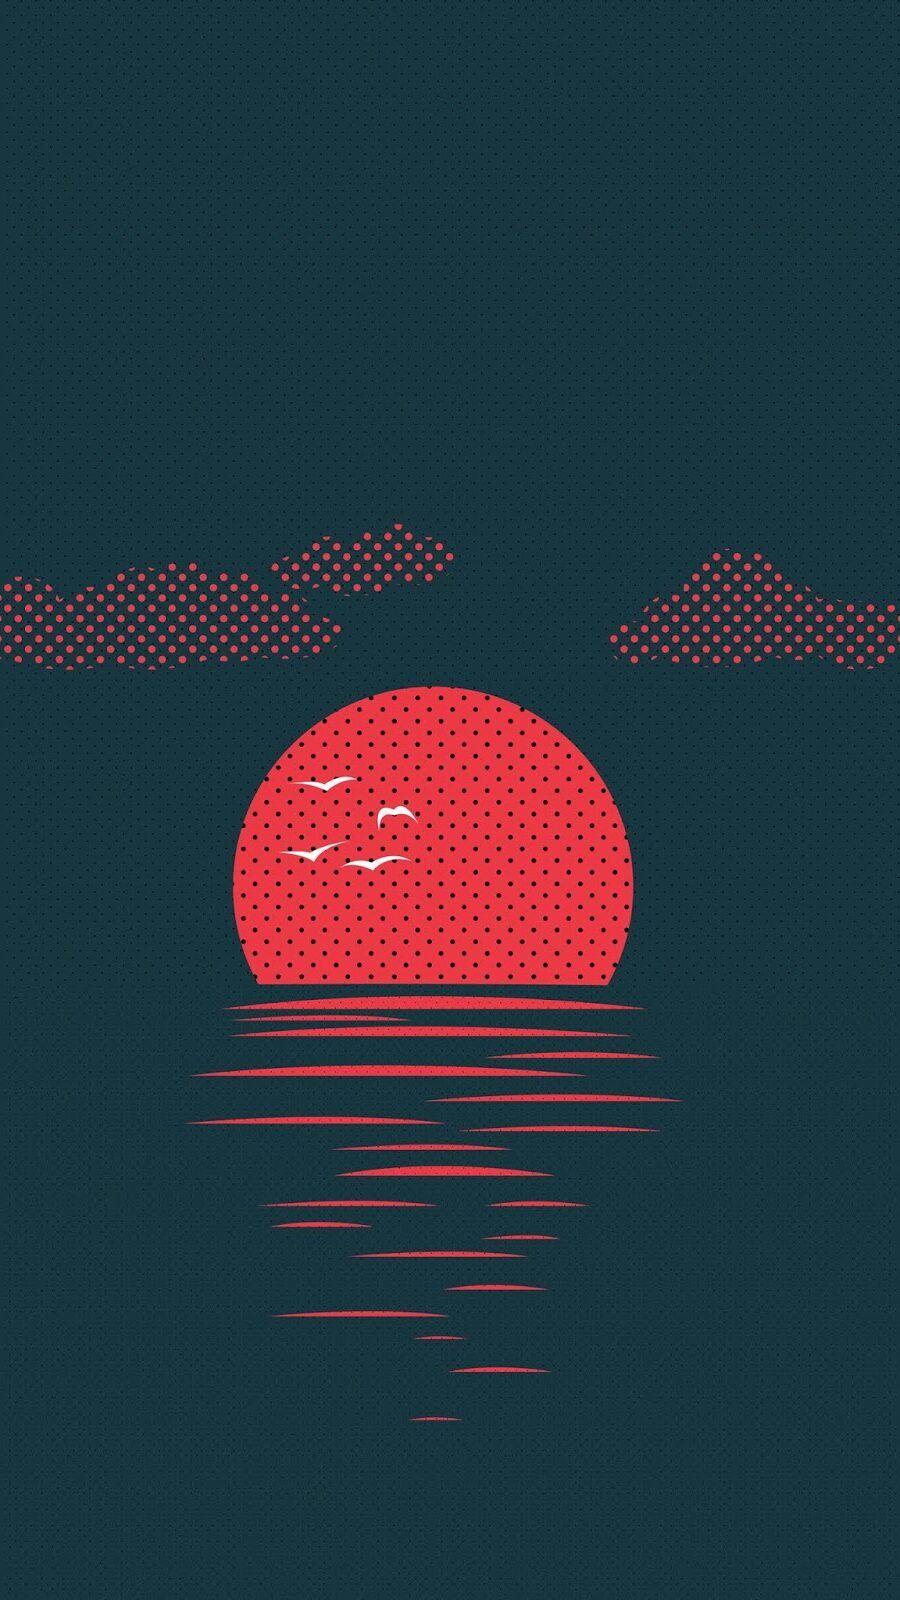 Minimalist Wallpaper - NawPic